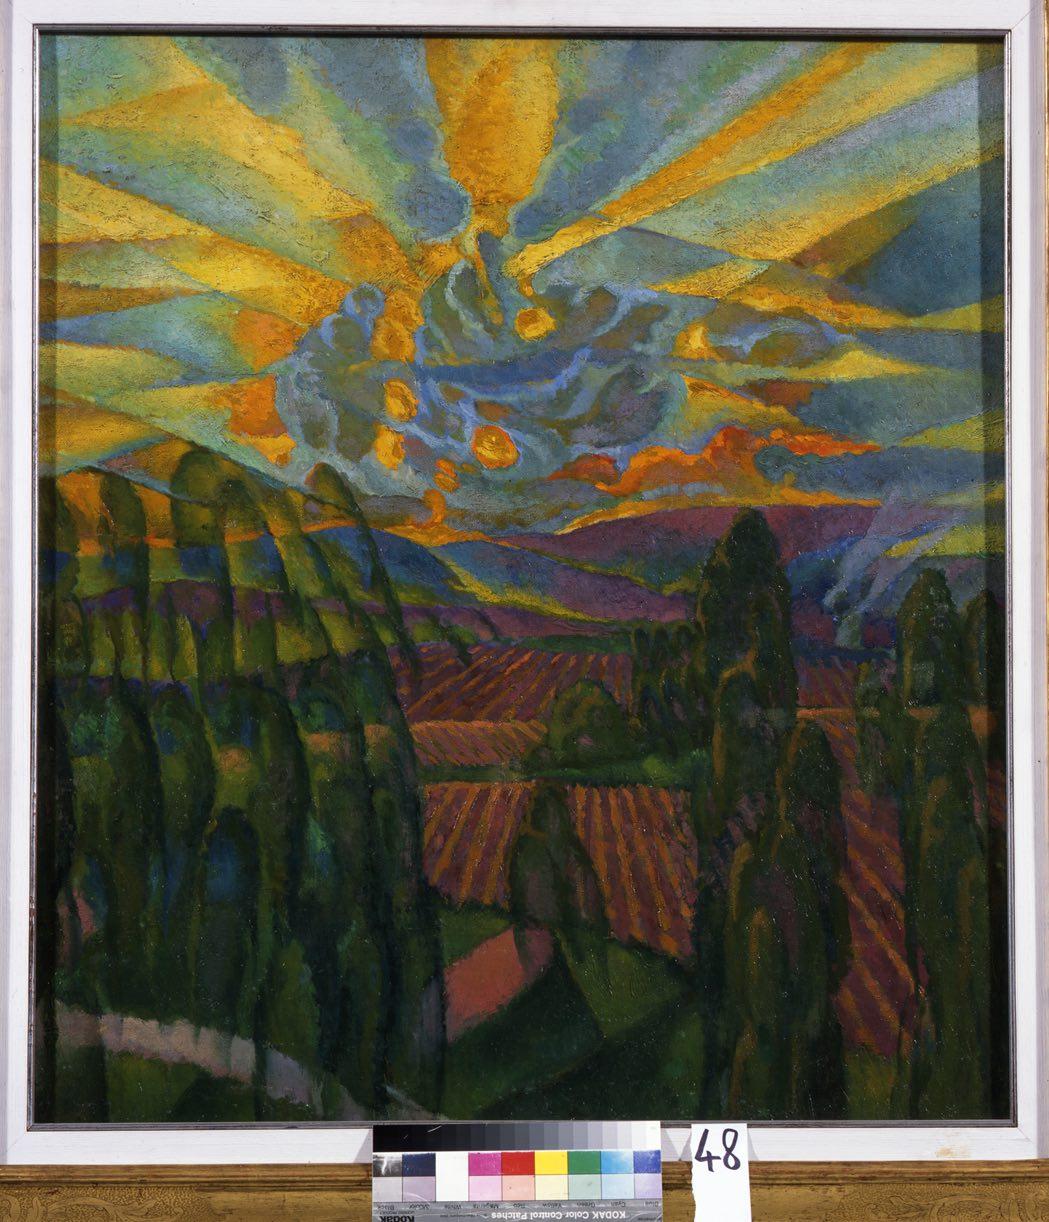 Dudreville Leonardo_Paesaggio o lirica al tramonto_1914 olio su tela_87 x 77 cm